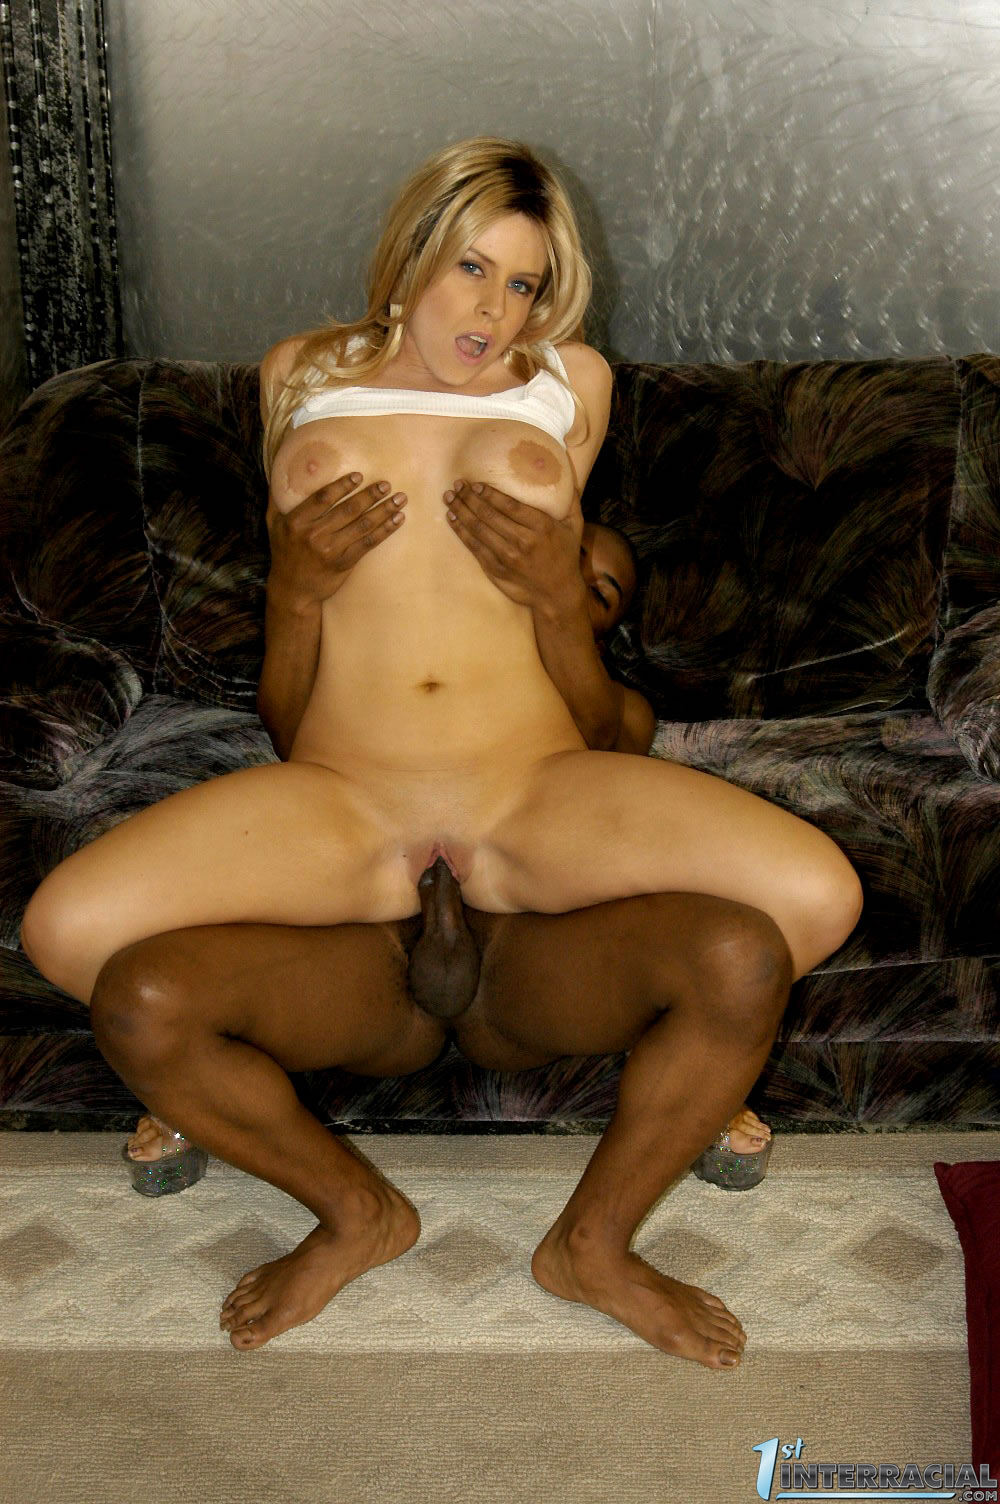 Fuck hot blonde stripper